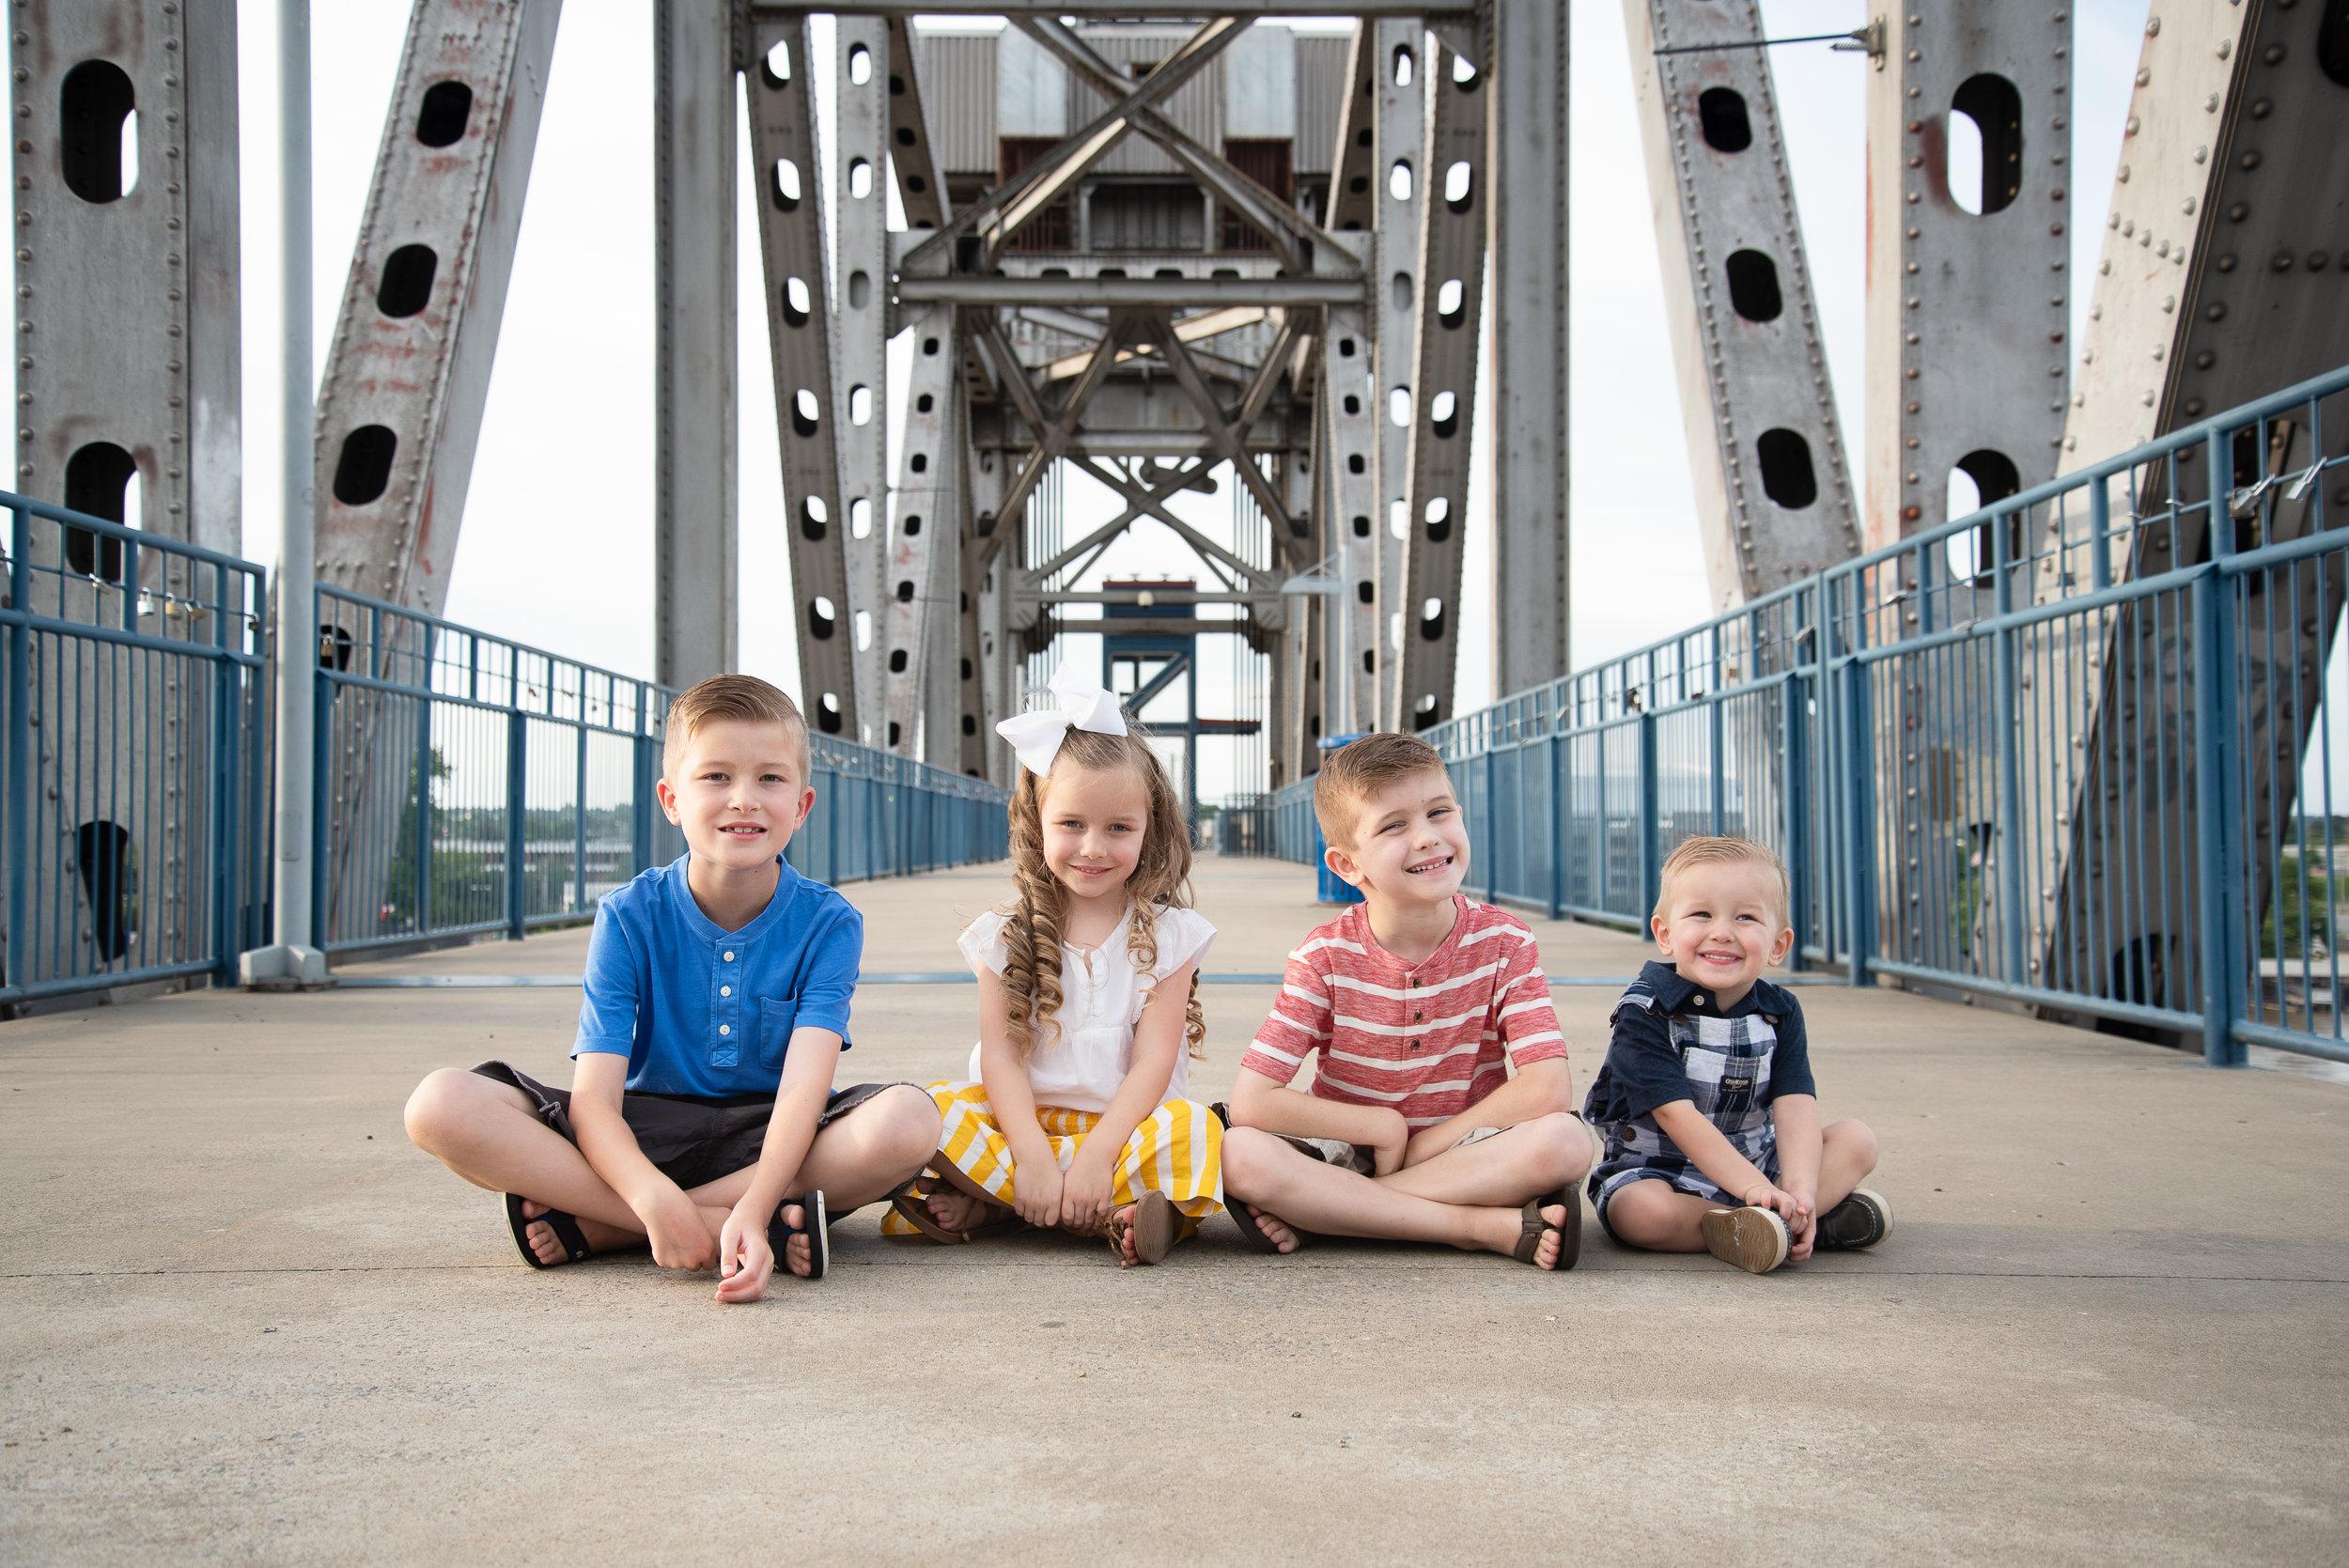 littlerockphotographerjunctionbridge.jpg